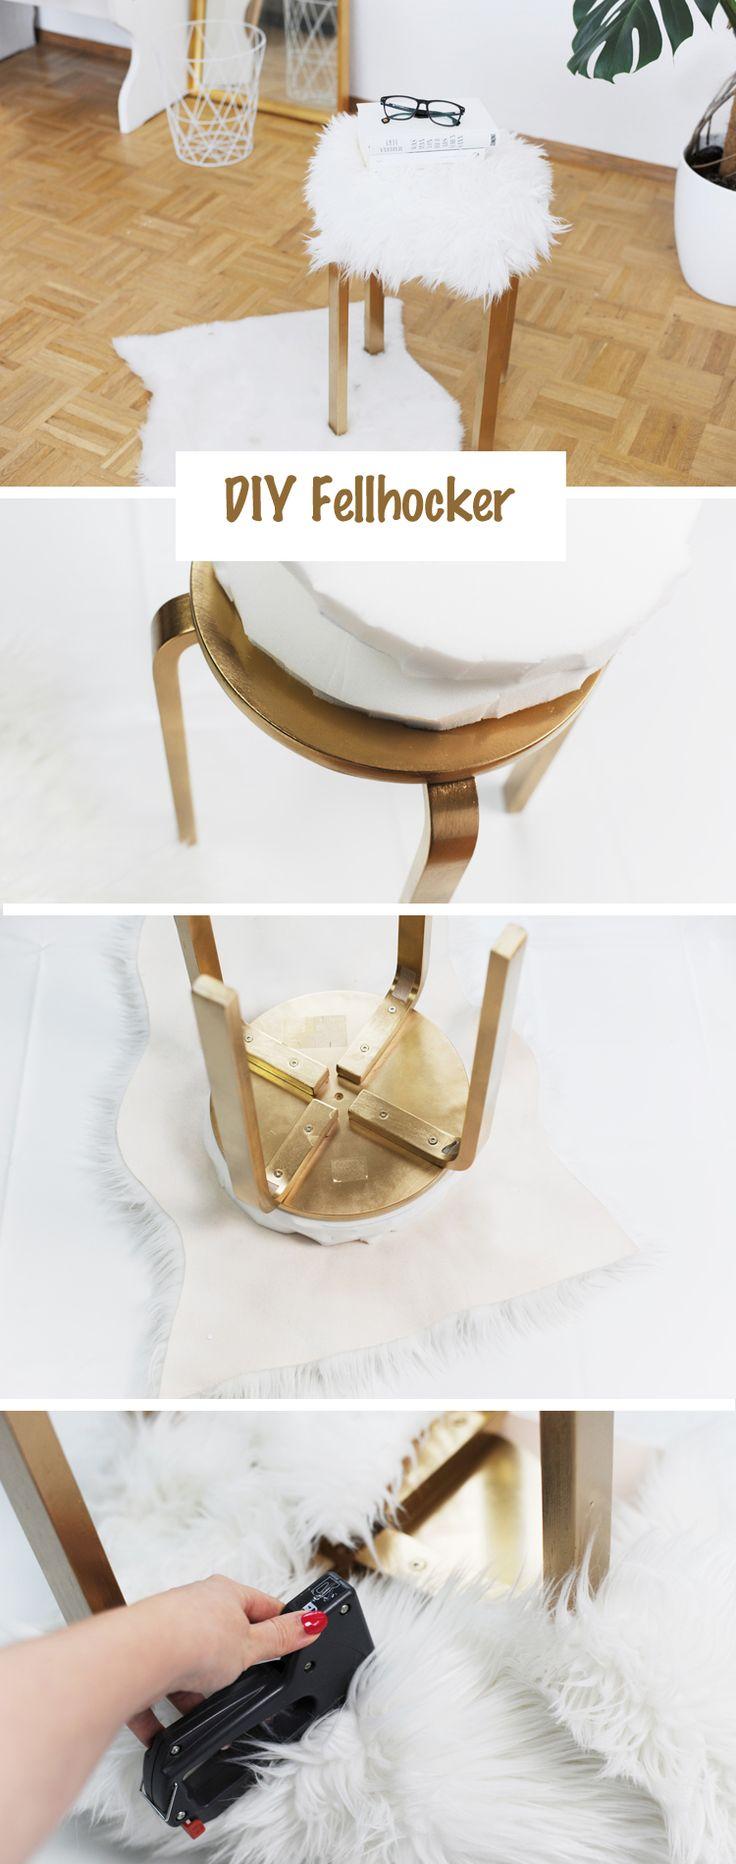 Günstige Möbel selber bauen: DIY-Fellhocker